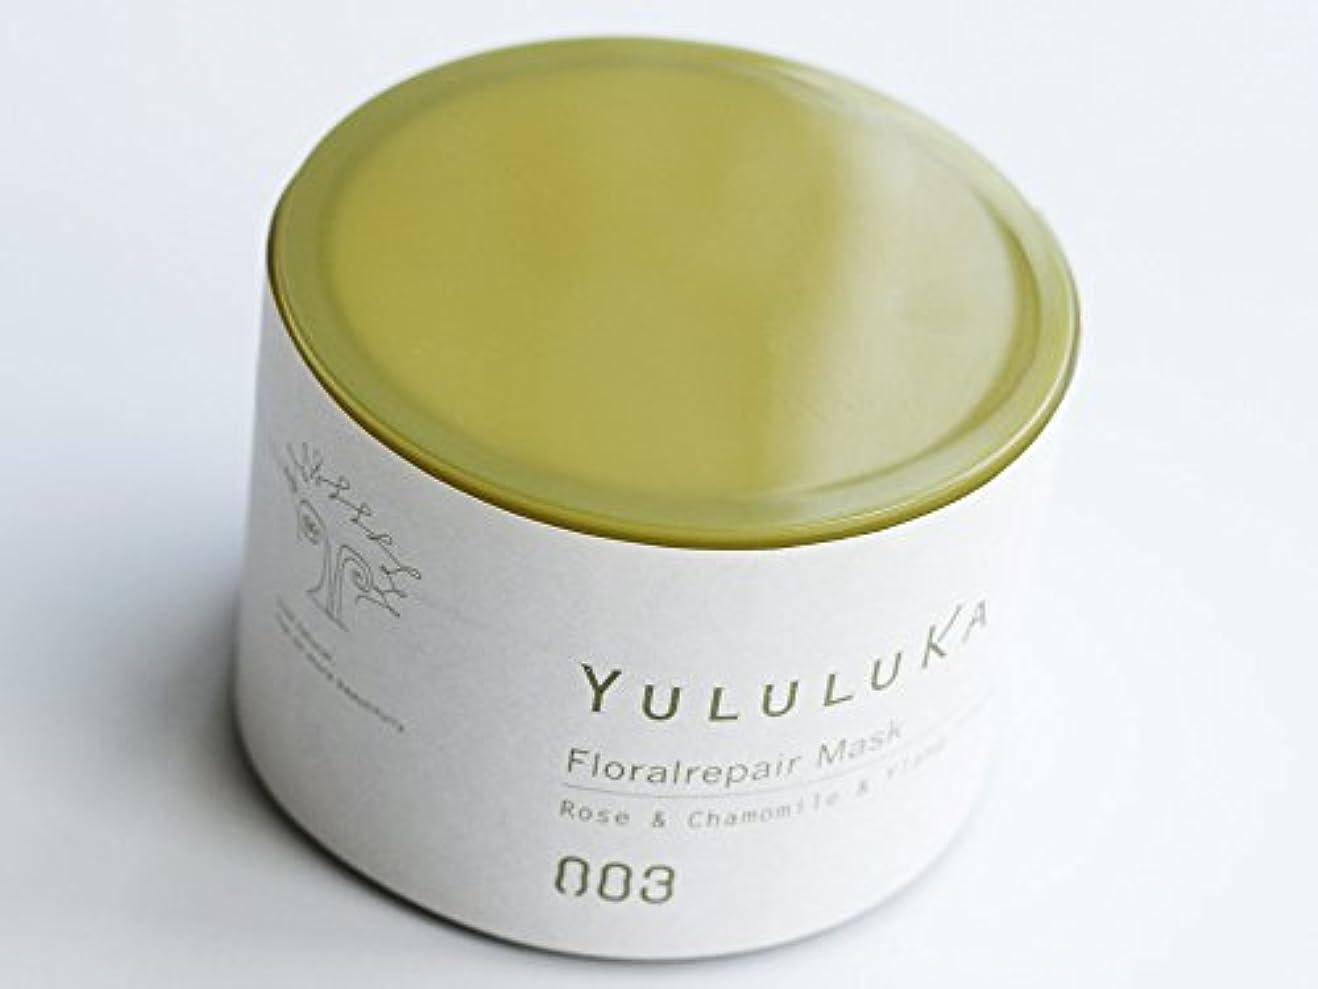 導入するインレイイースターYULULUKA ユルルカ フローラルリペア マスク <ヘアートリートメント>